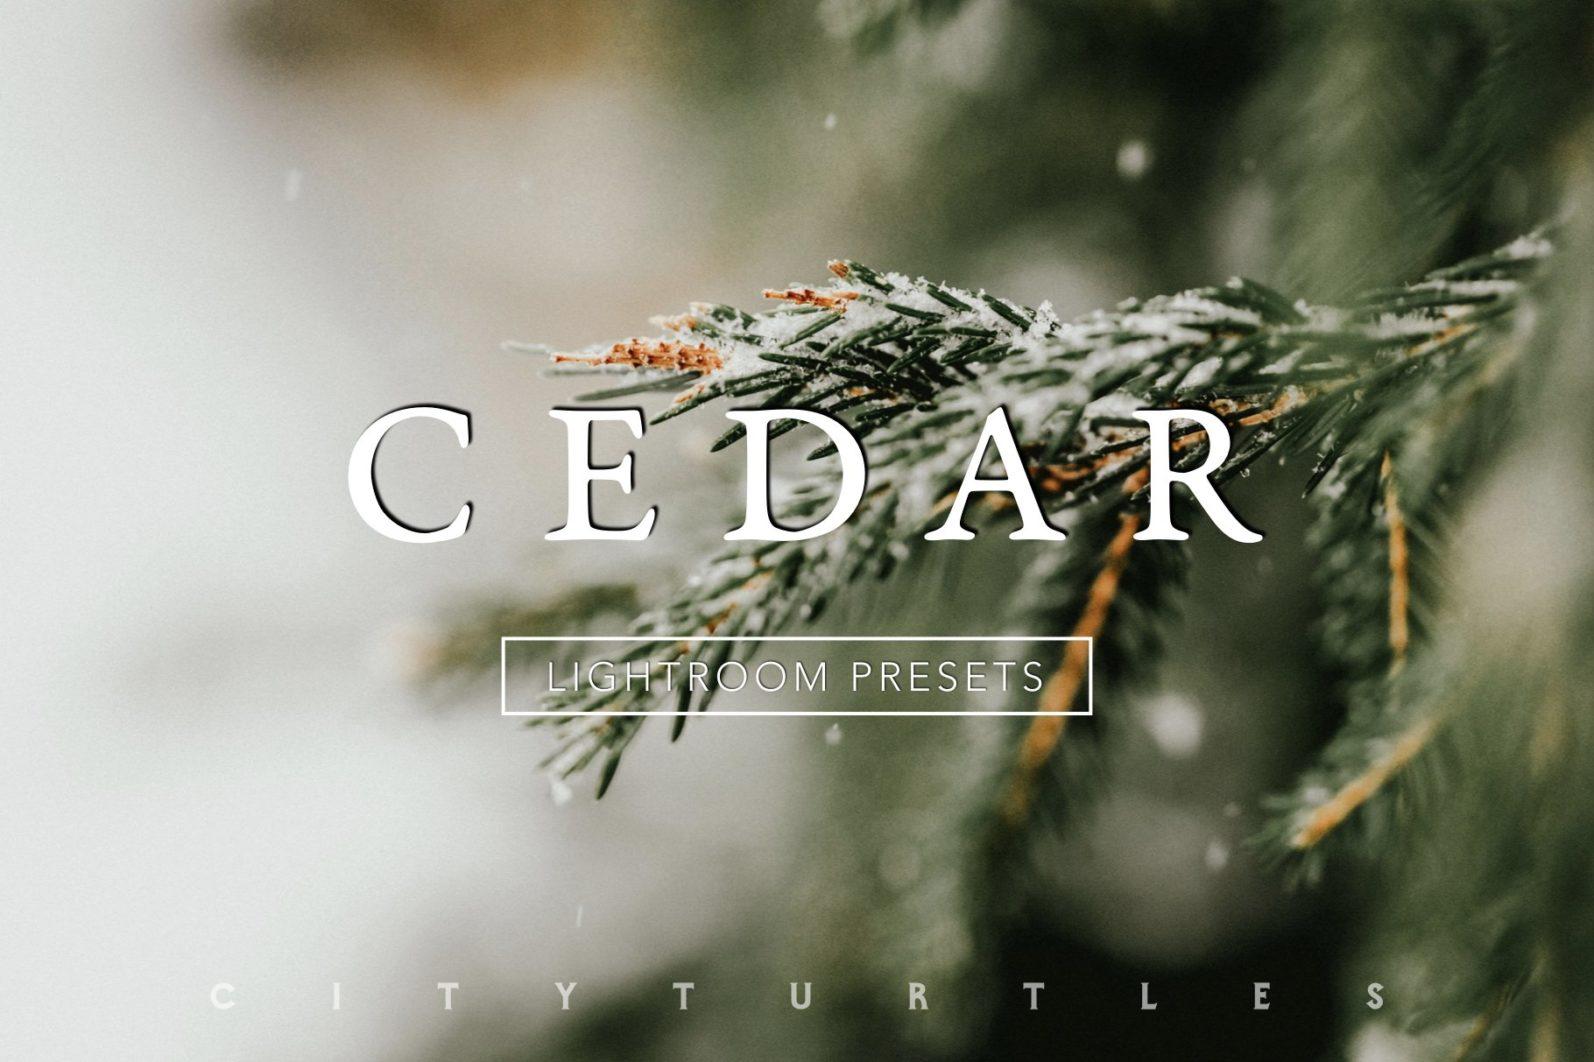 CEDAR Subtle Moody Lightroom Presets for Desktop & Mobile - cedar moody presets 1 -